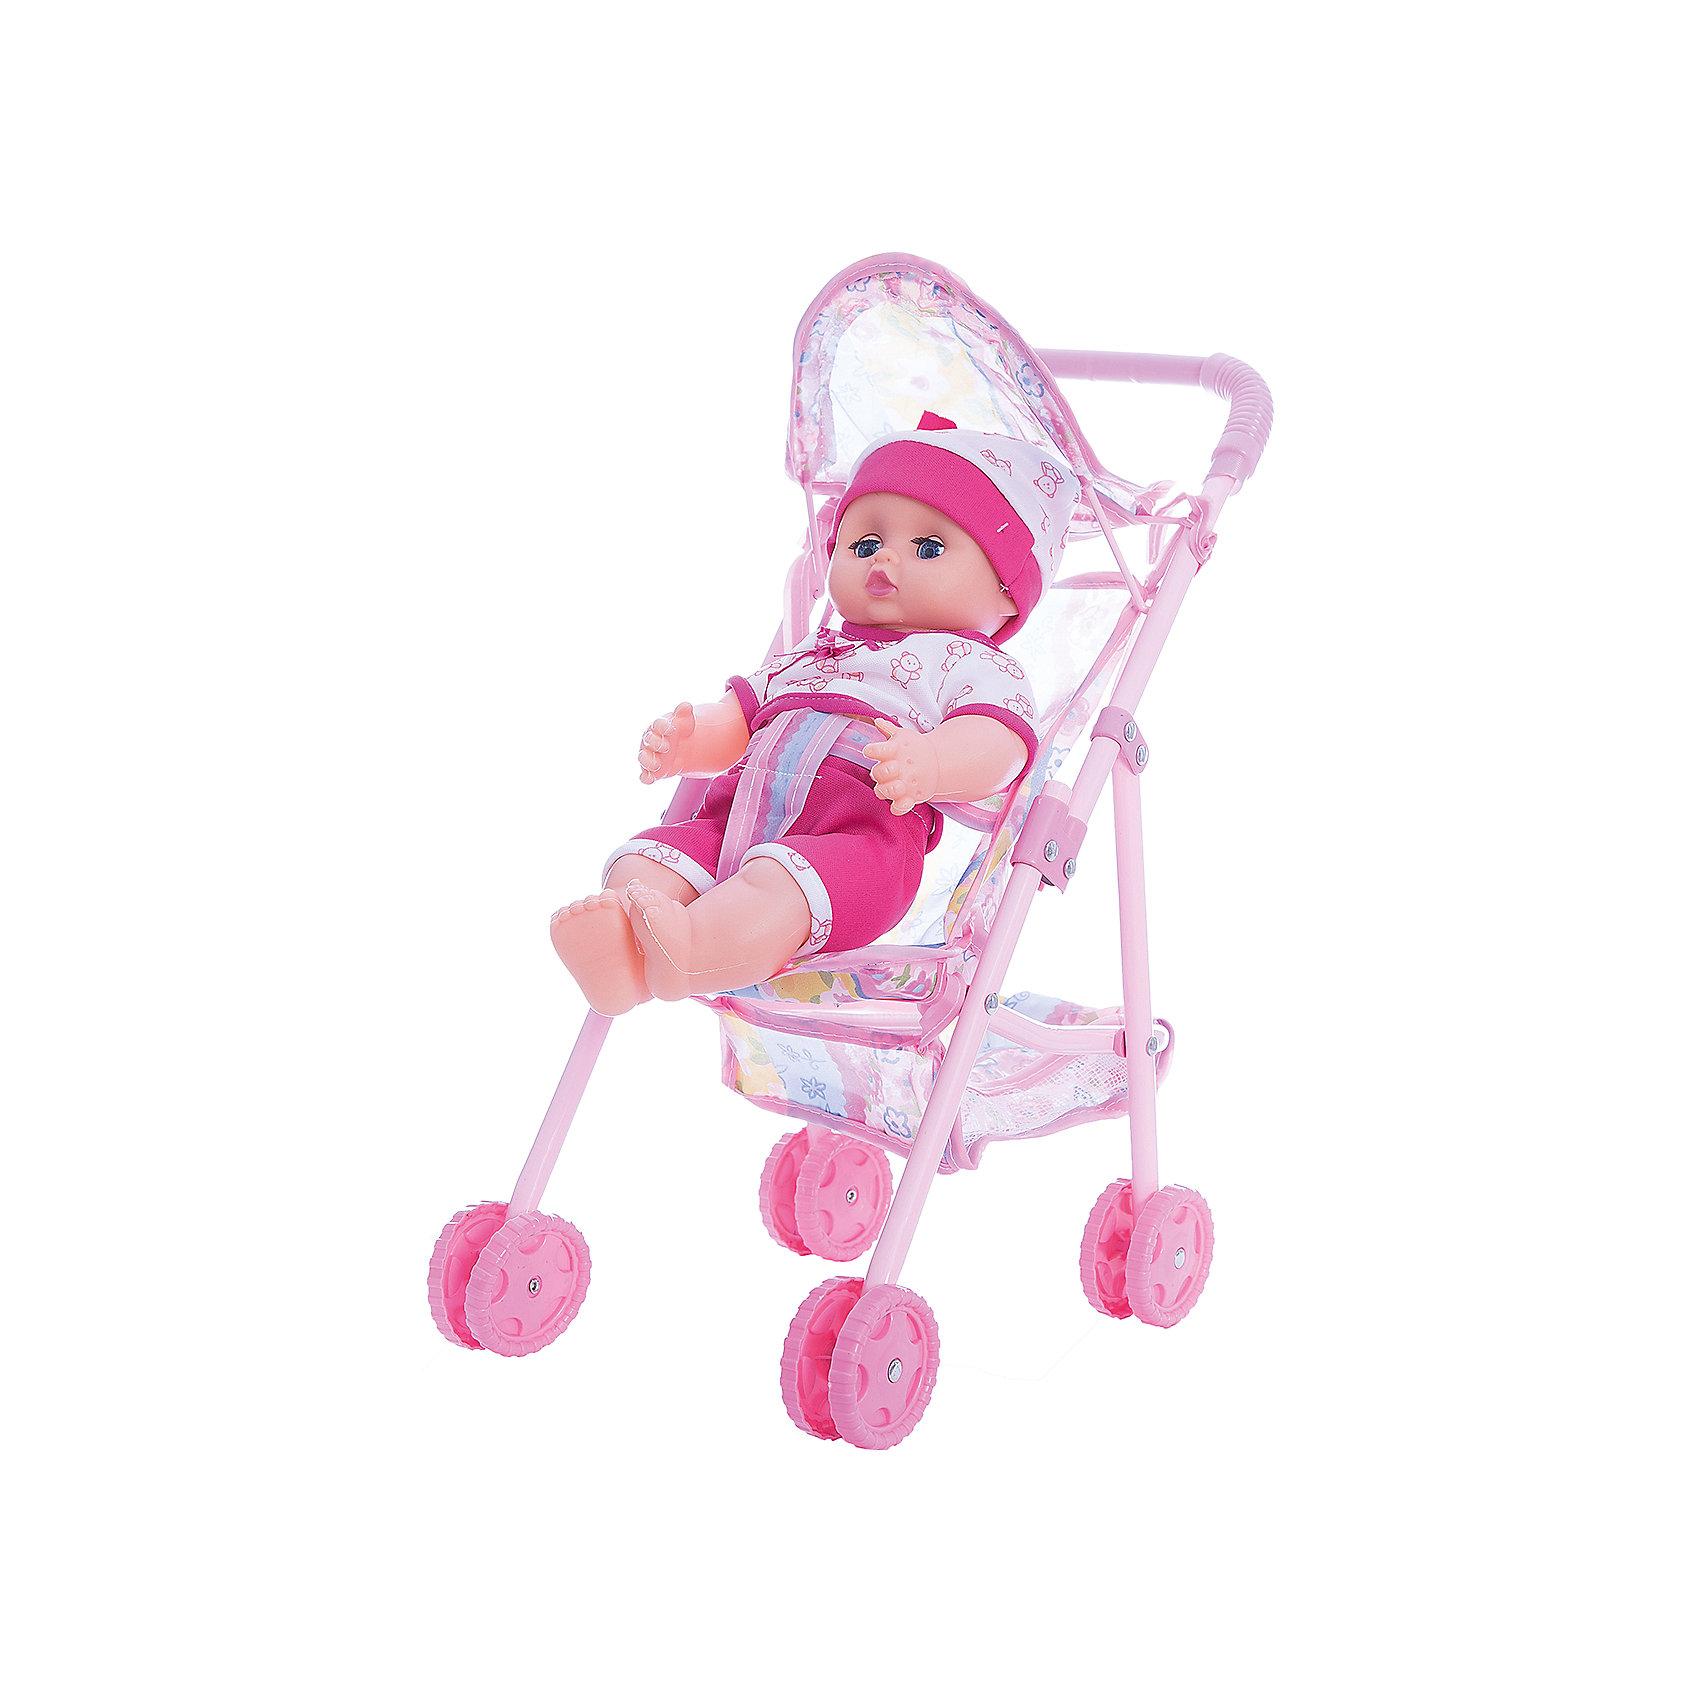 Кукла озвученная 30 см с коляской, Shantou GepaiИнтерактивные куклы<br>Кукла озвученная 30 см с коляской, Shantou Gepai - эта интересная кукла выглядит как настоящий малыш! Более того, в комплекте у этого пупса имеется и прогулочная коляска. Малыш одет в голубой комбинезончик и шапочку в тон и снабжен звуковыми эффектами. У коляски четыре двойных колеса и трехточечный ремень безопасности для куклы. Нейтральное выражения лица куклы поможет ребенку придумать множество своих сценариев и чувств куклы, закладывая фундамент социальных навыков и социального развития. Играя с куклами дети познают человека, как с физиологической, так и с стороны общения между людьми, развивается моторика рук, внимание, воображение, такие игры положительно влияют на психологическое развитие. <br><br>Дополнительная информация:<br><br>- В комплект входит: 1 кукла в одежде, коляска<br>- Материал: ПВХ, текстиль, пластик <br>- Размер куклы: 30 см<br>- Размер упаковки: 36 * 11,5 * 30,5 см.<br><br>Куклу озвученную 30 см с коляской, Shantou Gepai можно купить в нашем интернет-магазине.<br><br>Подробнее:<br>• Для детей в возрасте: от 3 до 10 лет<br>• Номер товара: 4925554<br>Страна производитель: Китай<br><br>Ширина мм: 360<br>Глубина мм: 115<br>Высота мм: 300<br>Вес г: 4917<br>Возраст от месяцев: 36<br>Возраст до месяцев: 120<br>Пол: Женский<br>Возраст: Детский<br>SKU: 4925554